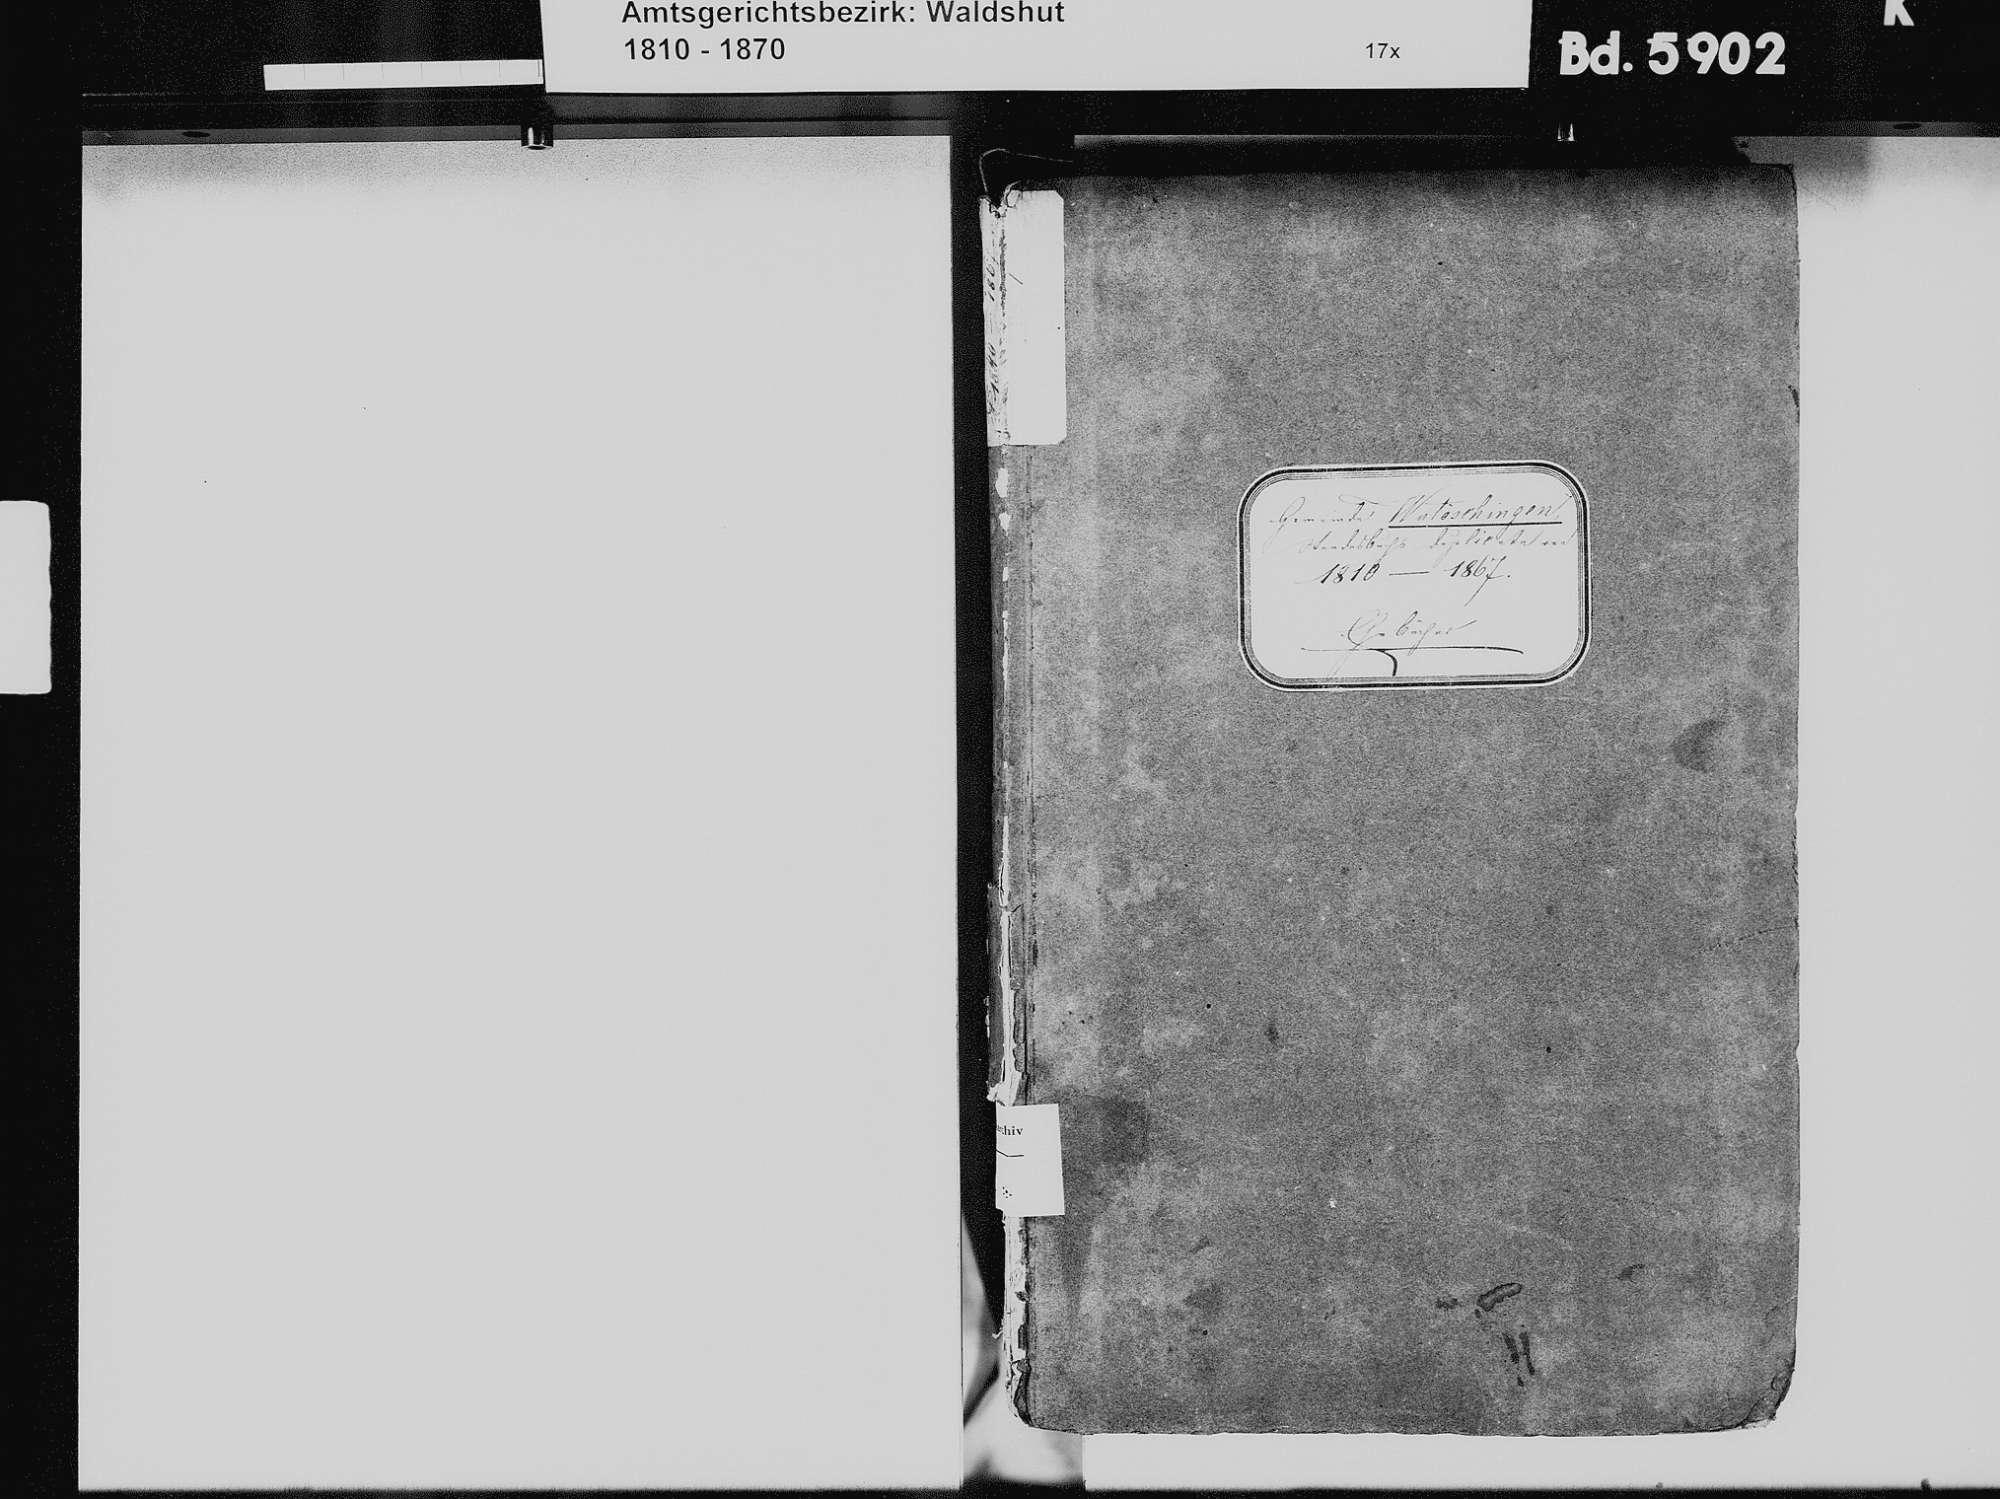 Wutöschingen WT; Katholische Gemeinde: Heiratsbuch 1810-1869 Wutöschingen WT; Katholische Gemeinde: Sterbebuch 1826, Bild 3